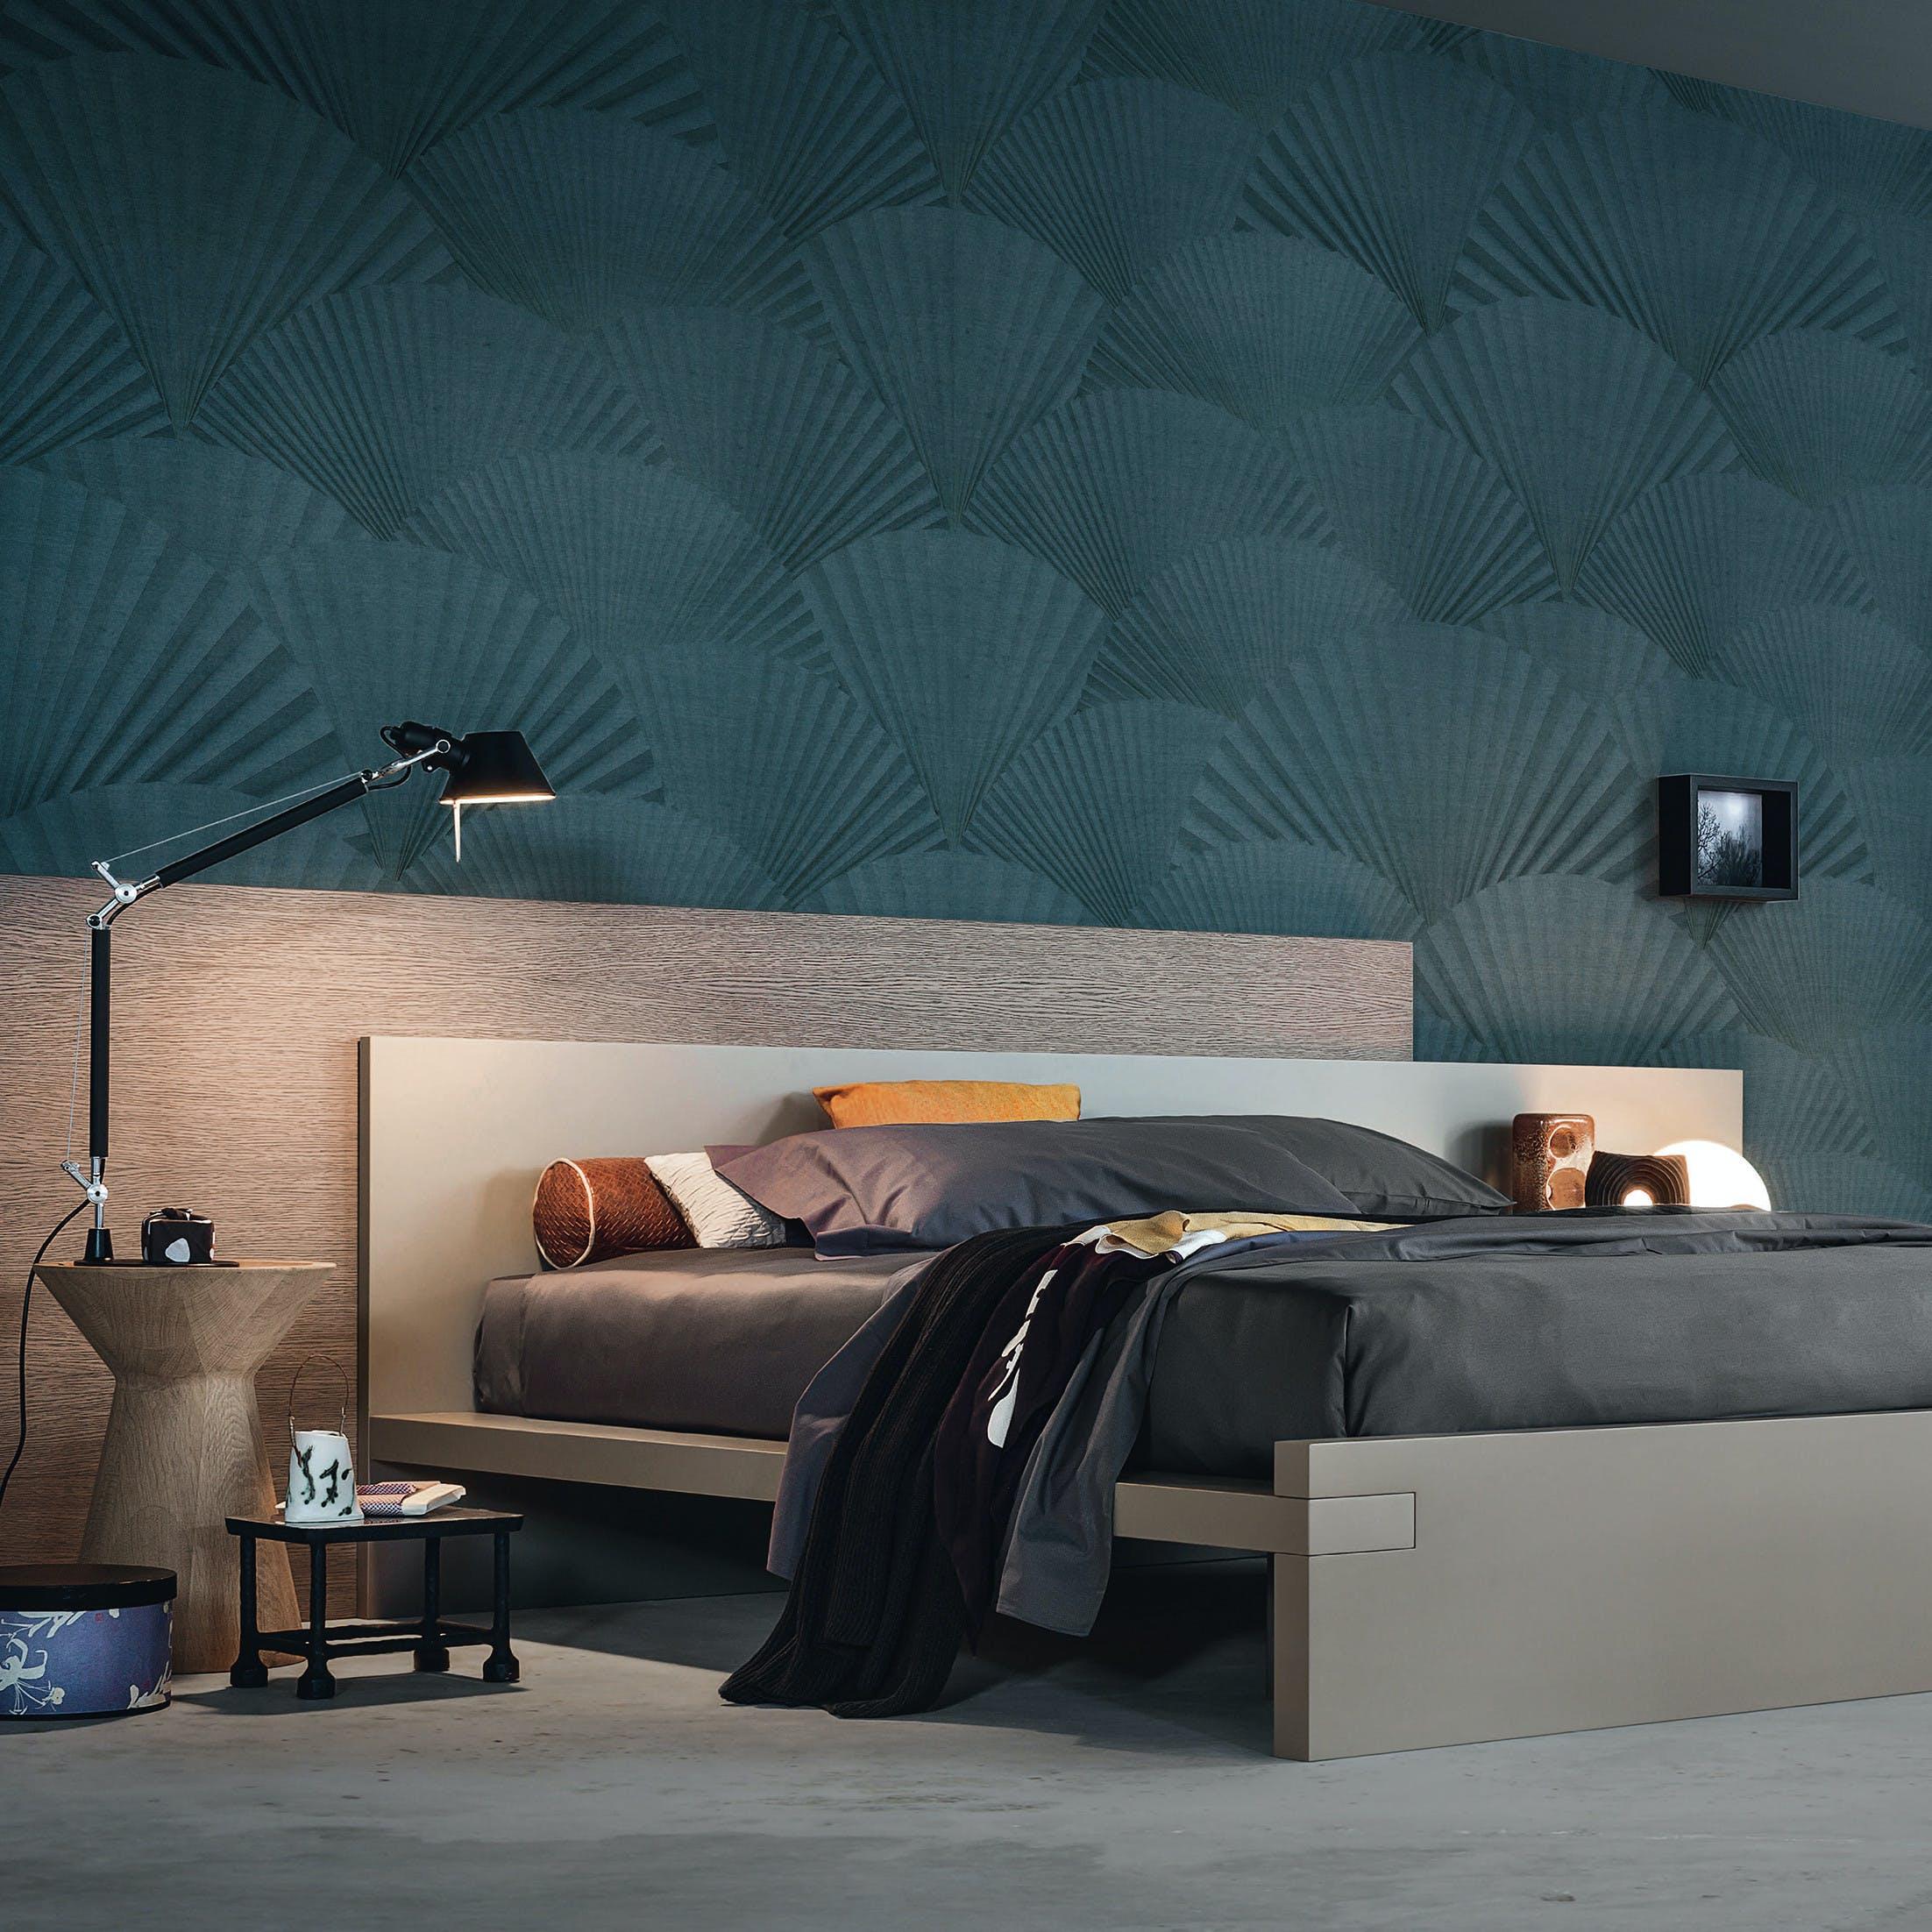 Giellesse Hug Bed Full Angle Haute Living